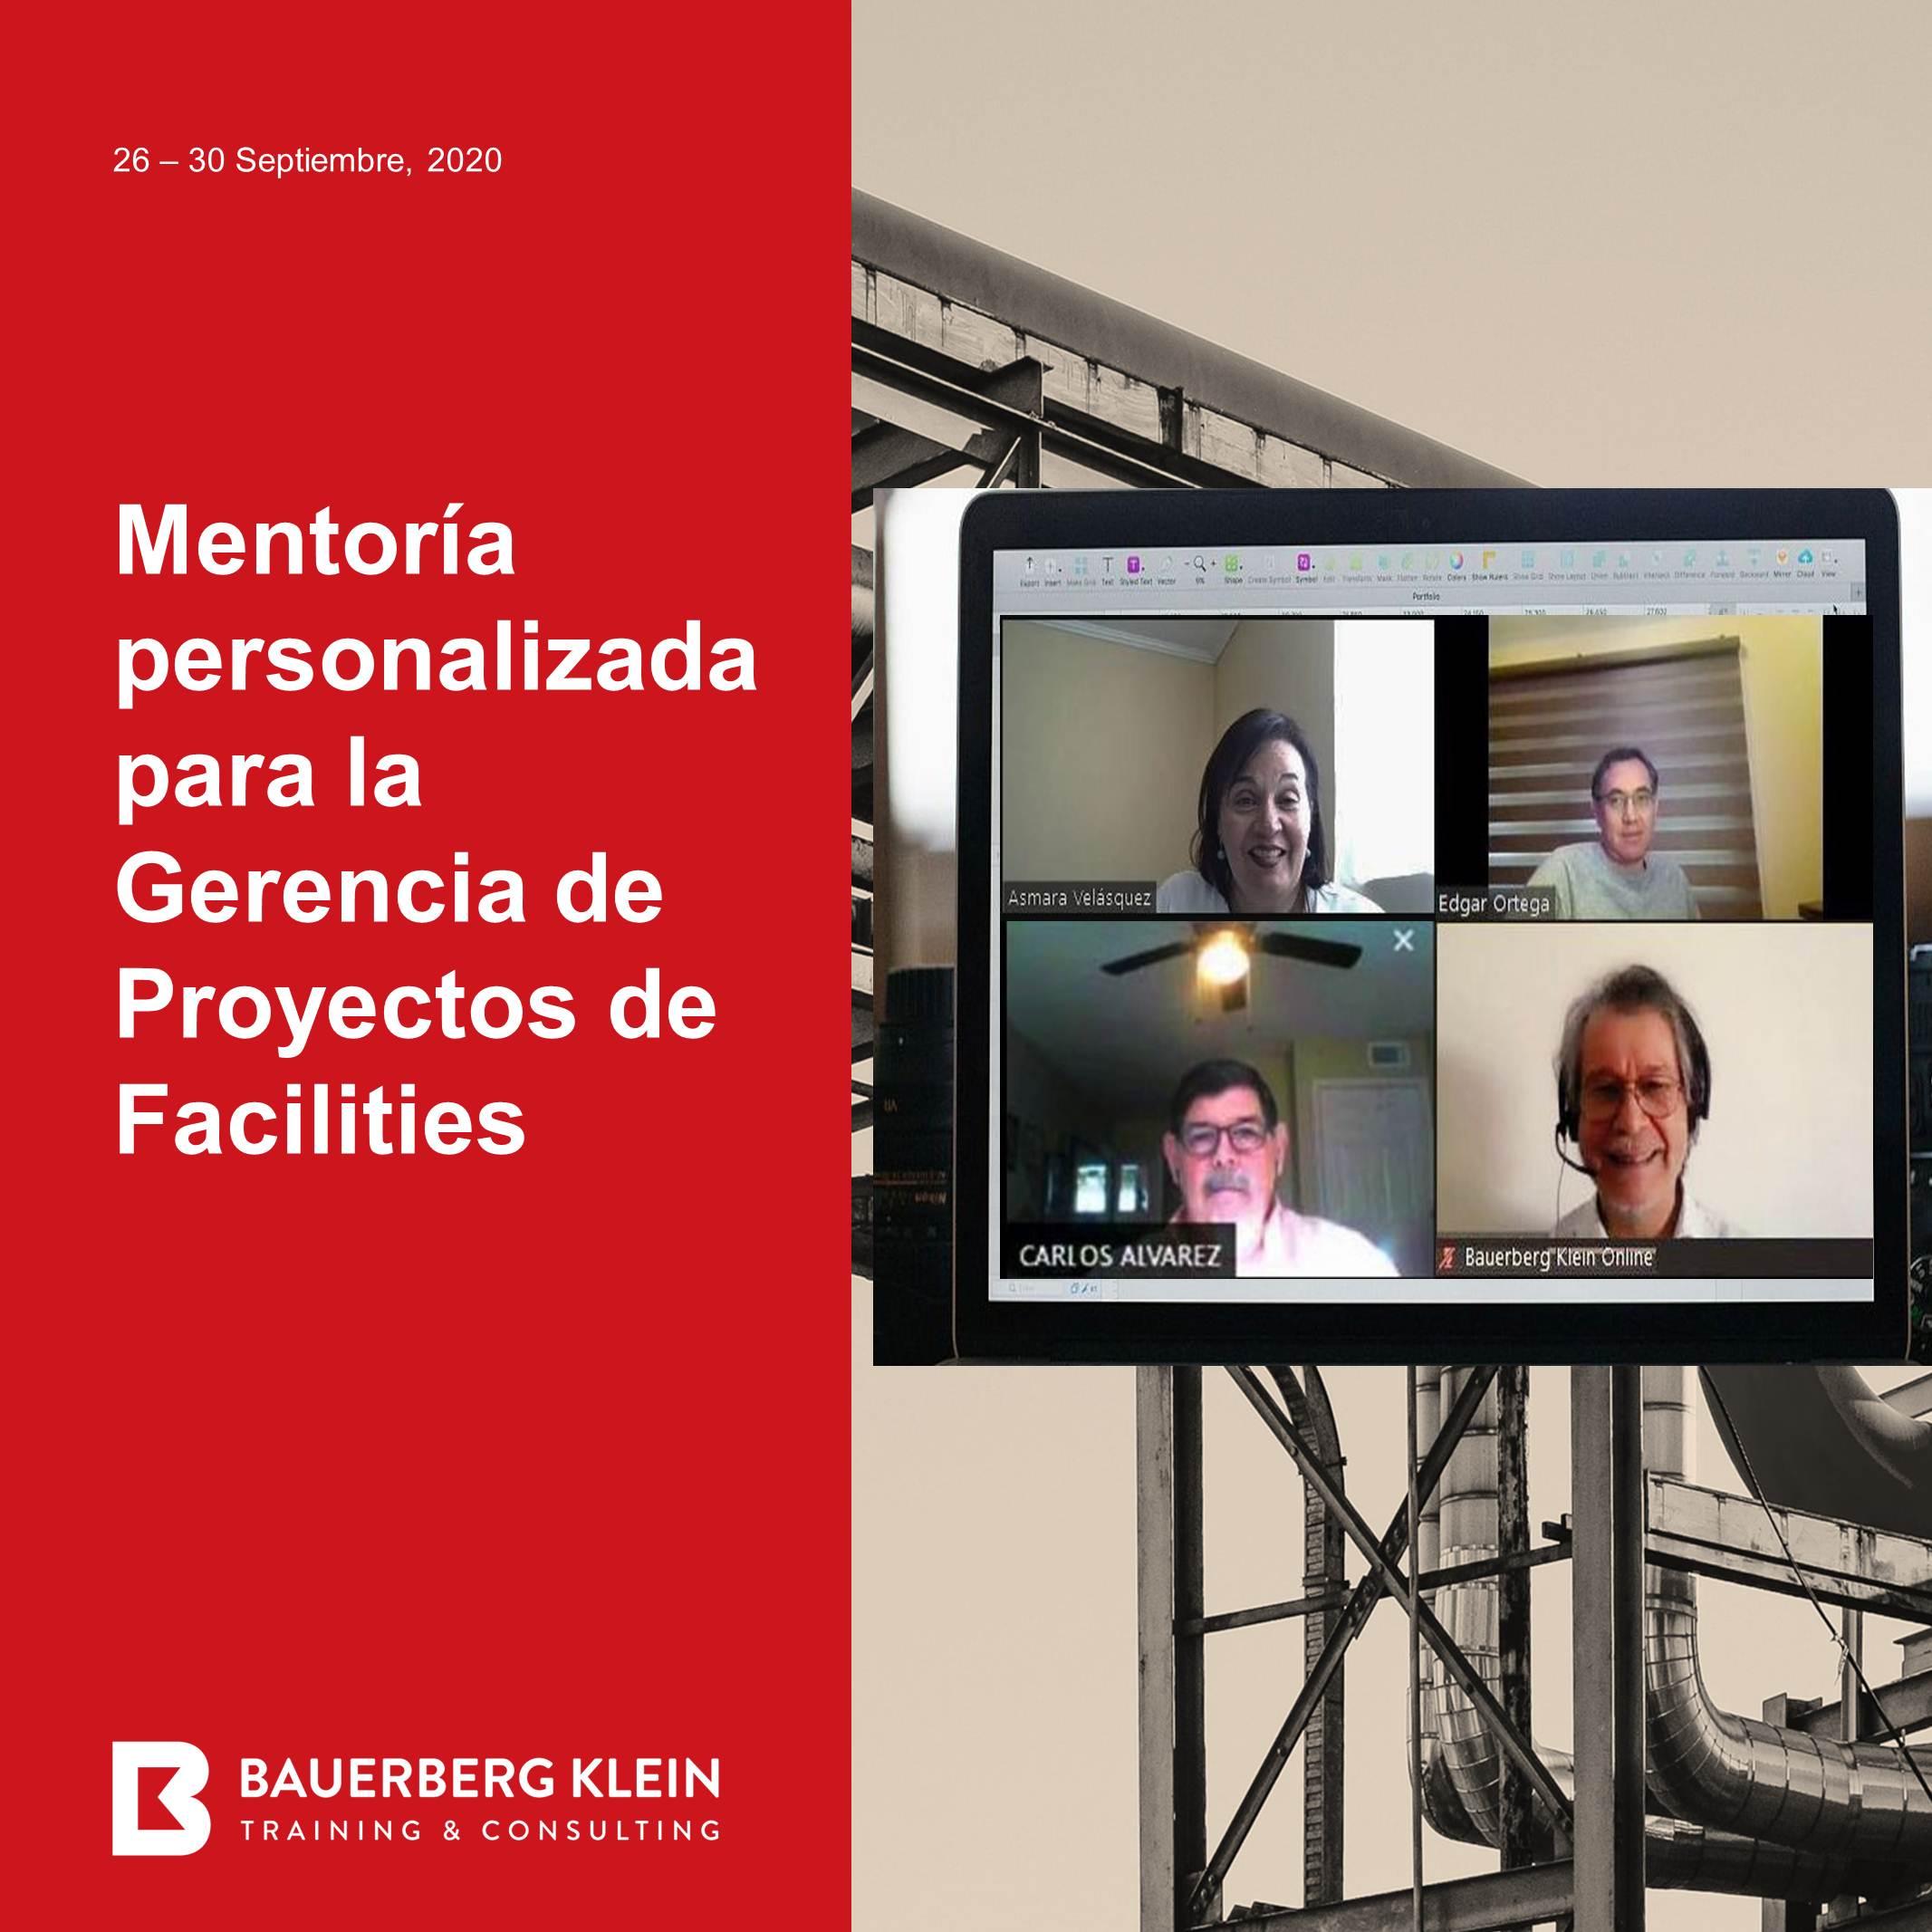 Mentoria personalizada para la Gerencia de Proyectos de Facilities